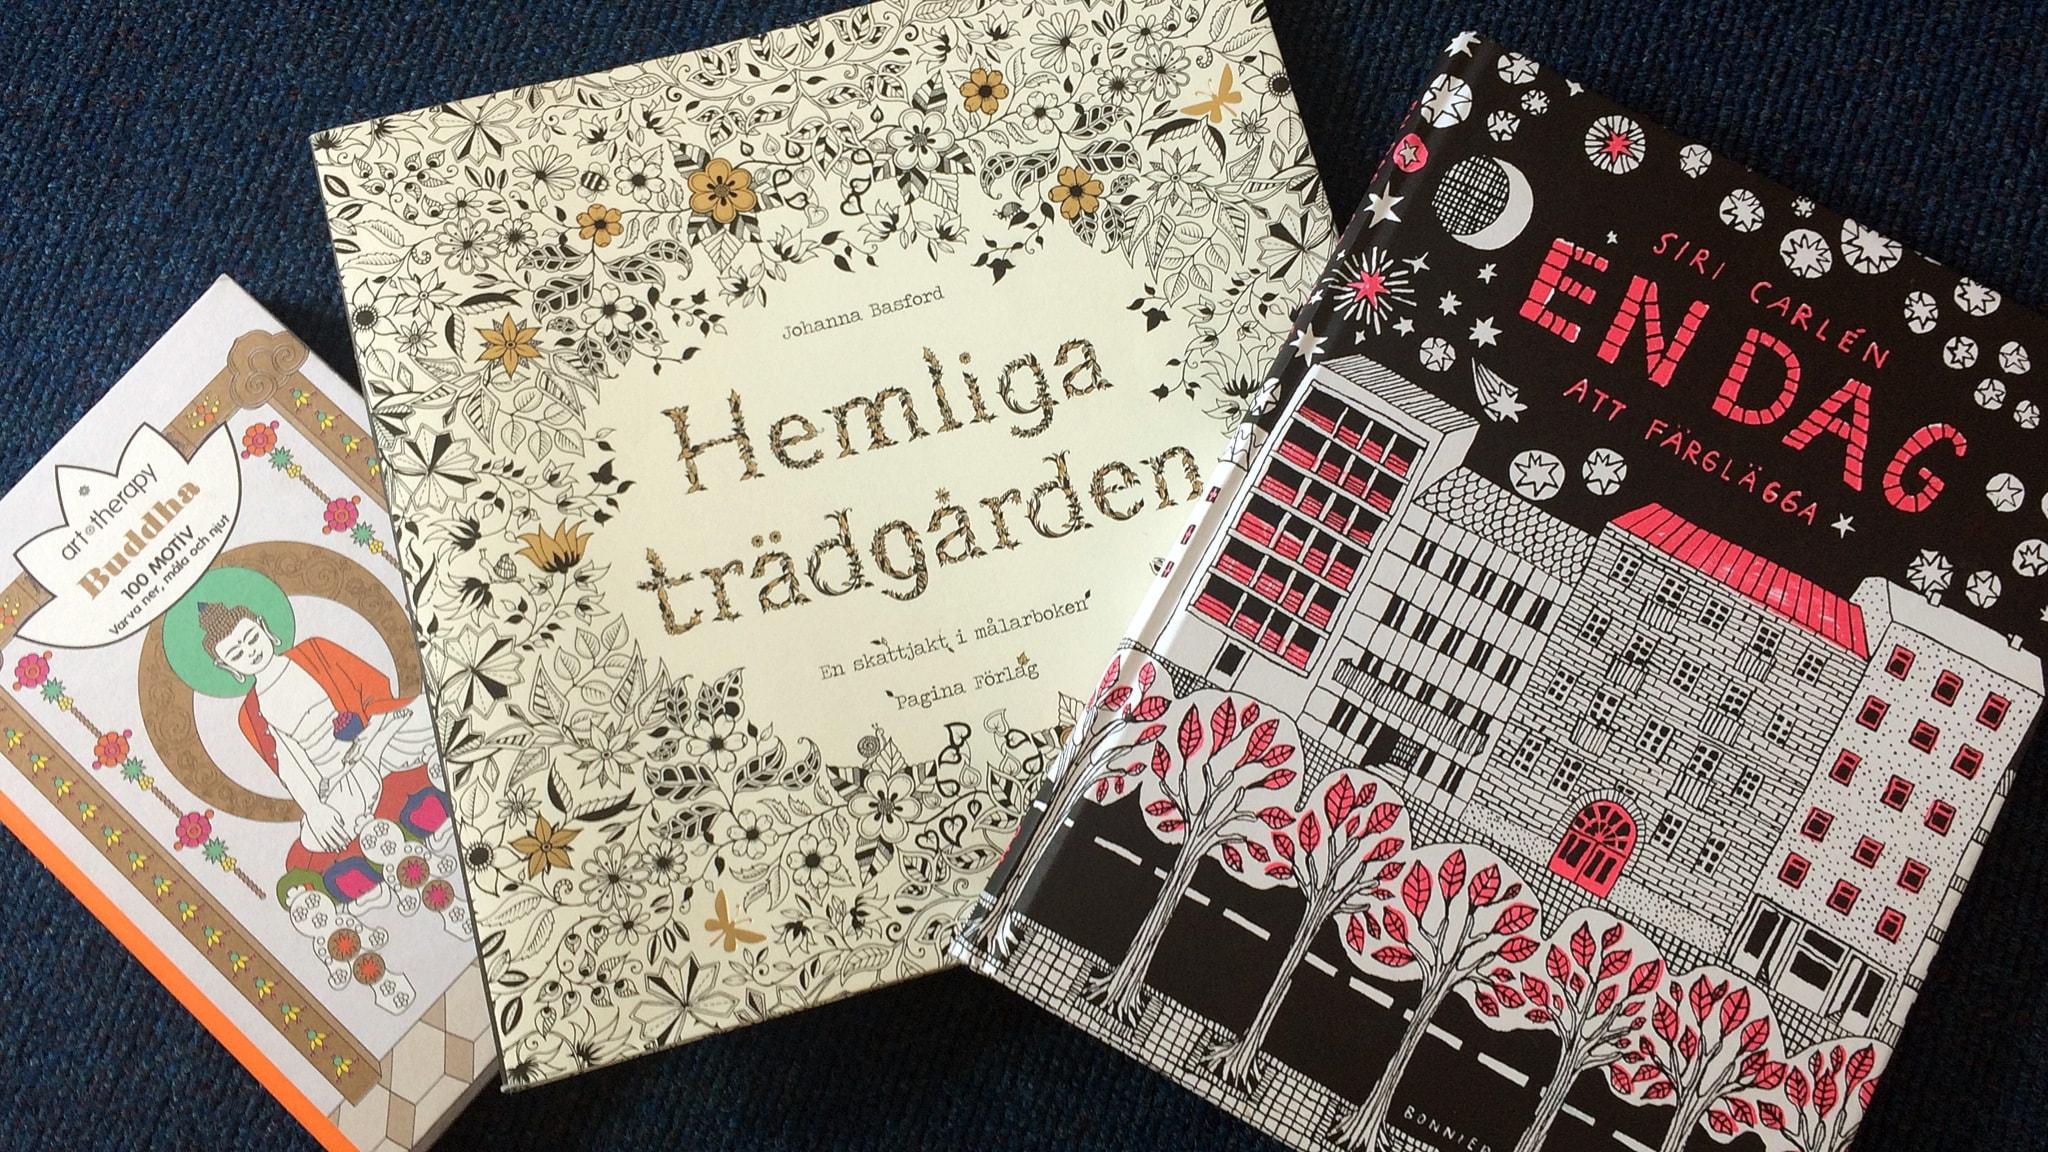 Några aktuella exempel på målarböcker för vuxna. Foto: SR